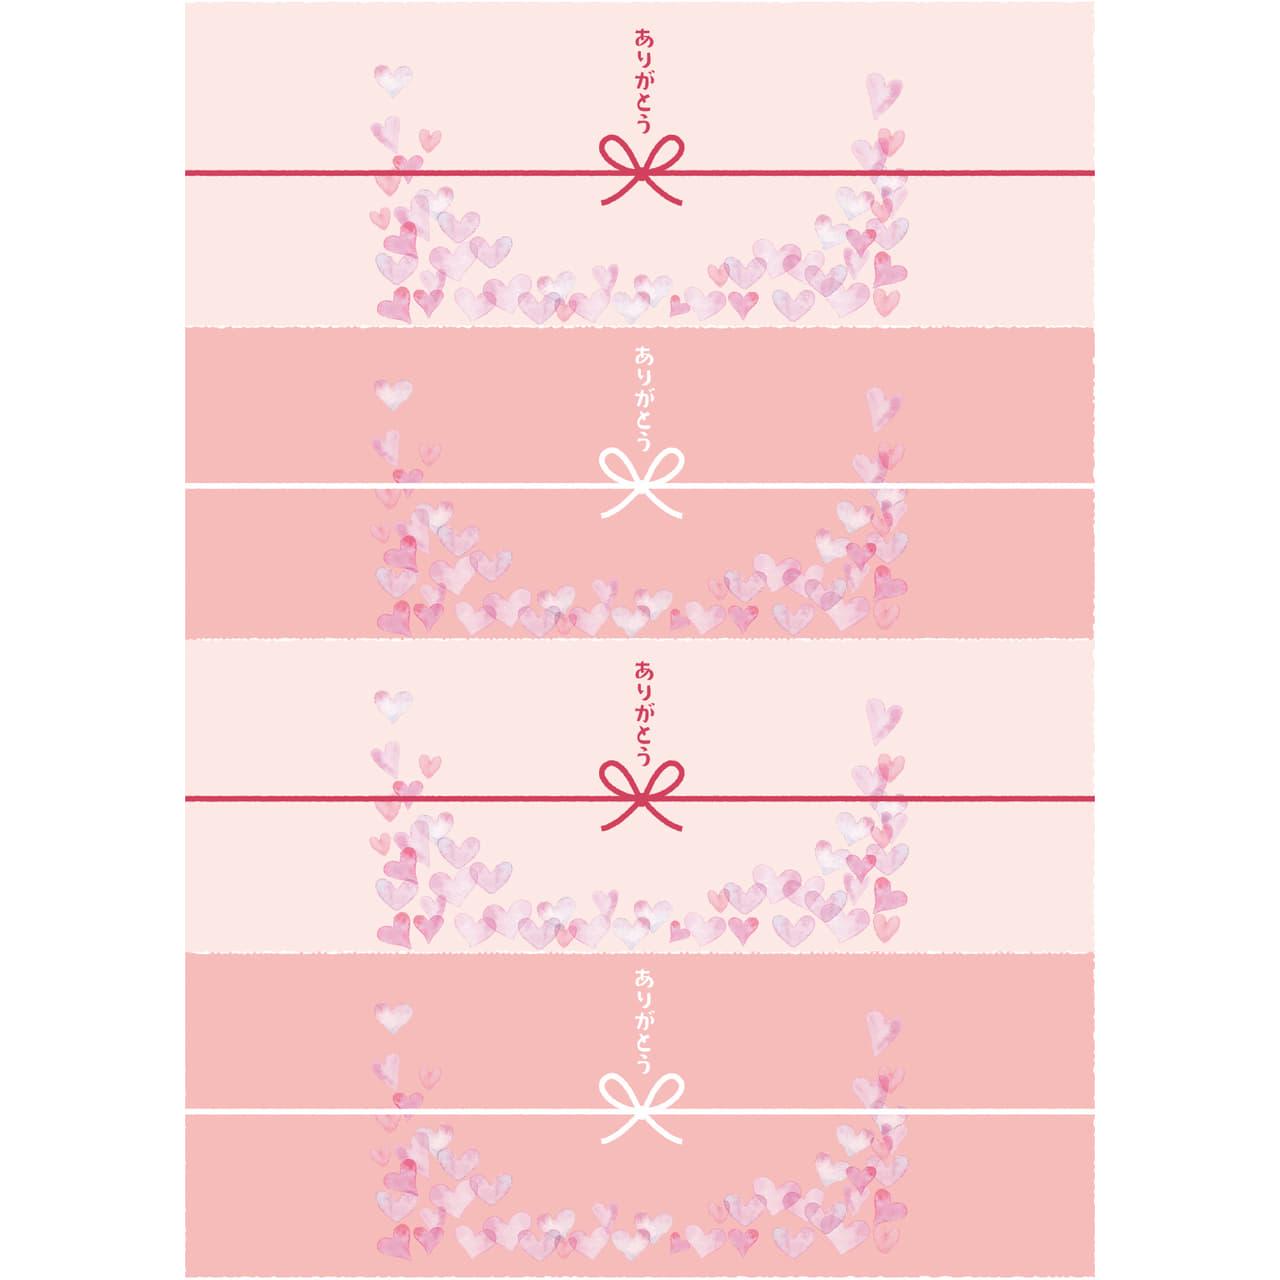 切って使えるピンク色のハートのかわいいのし紙ーメッセージ付き(4分割)